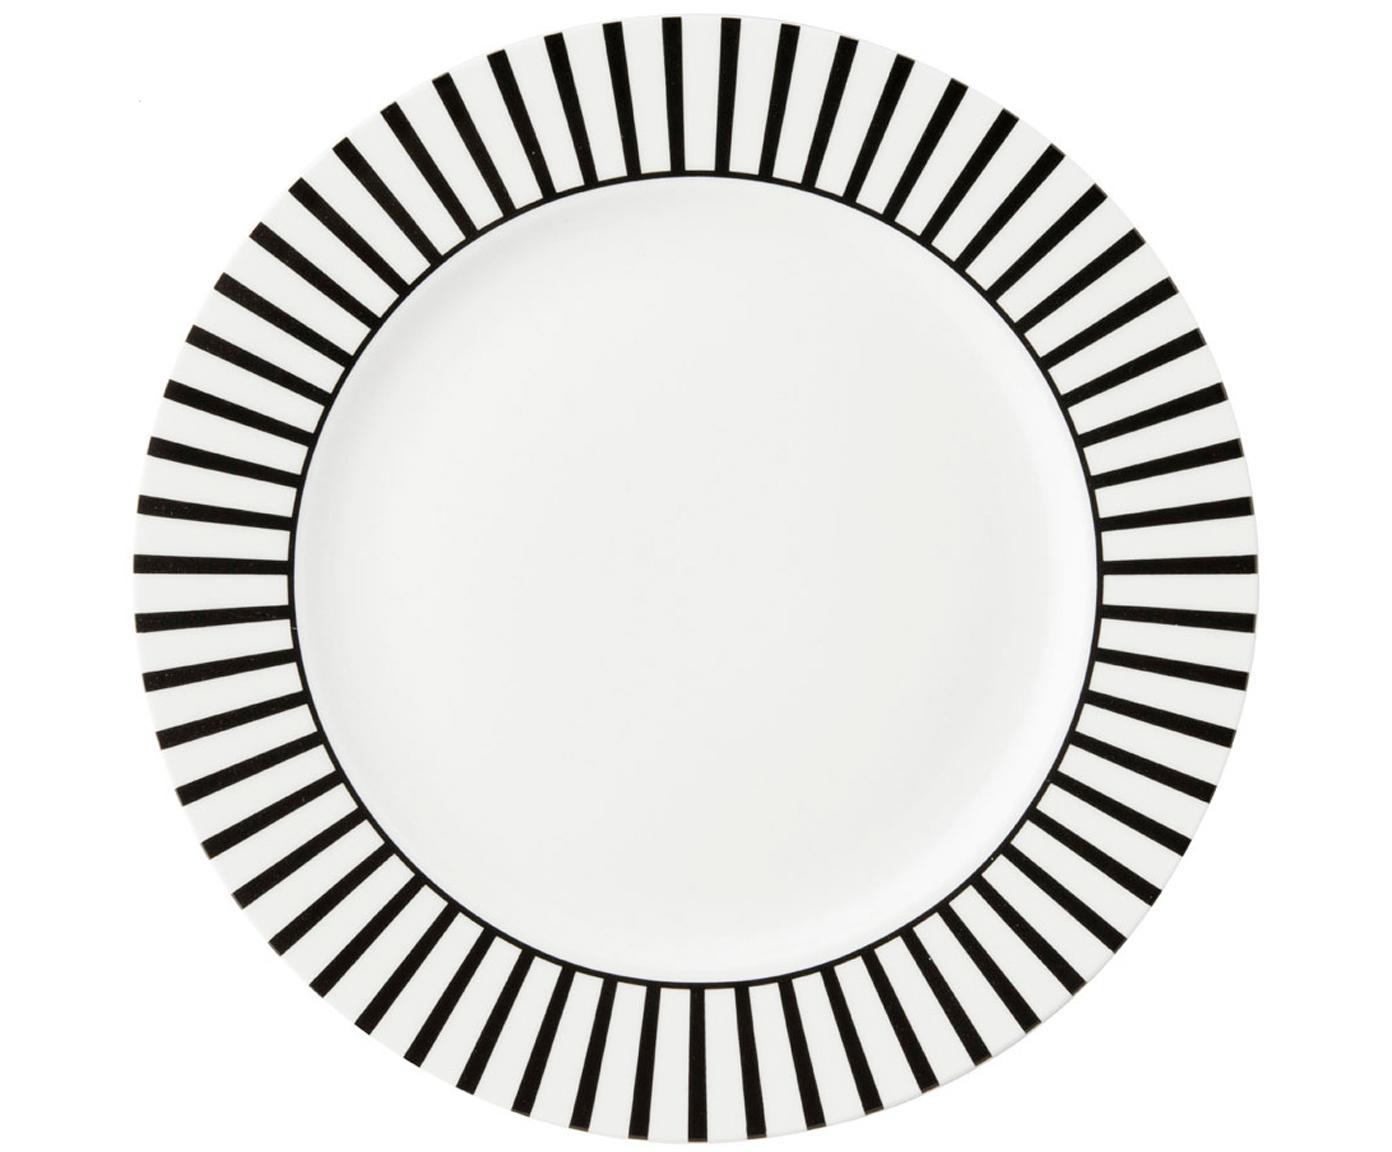 Frühstücksteller Ceres Loft, 4 Stück, Porzellan, Weiß, Schwarz, Ø 21 x H 2 cm